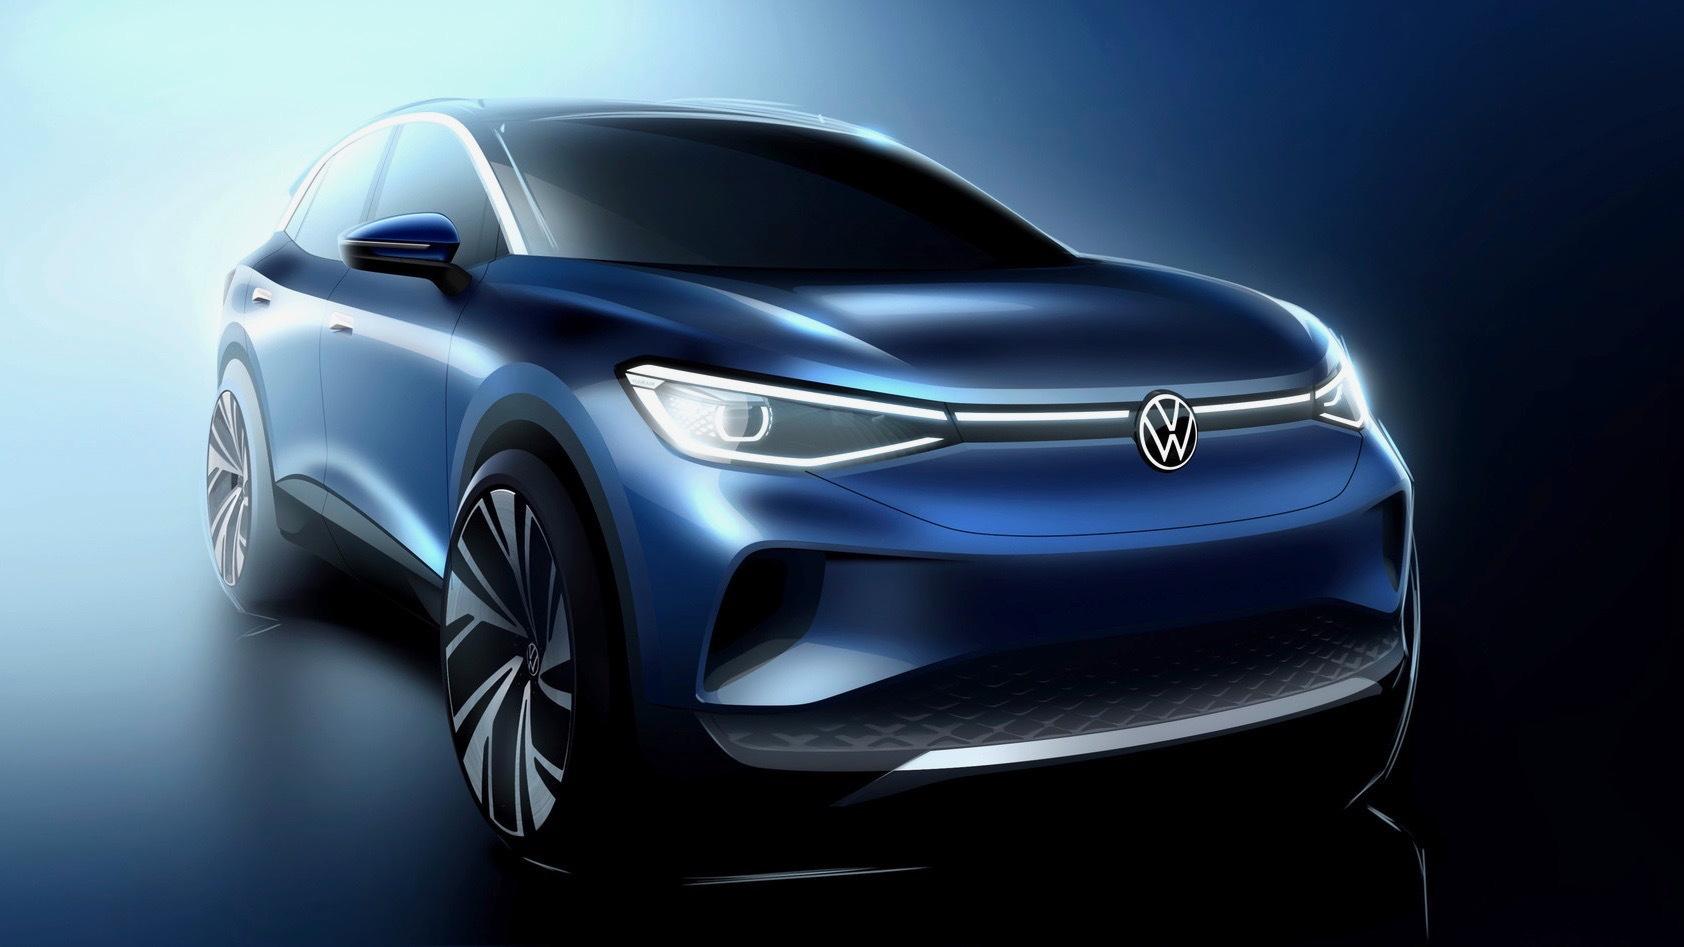 2021 Volkswagen ID.4 rendering